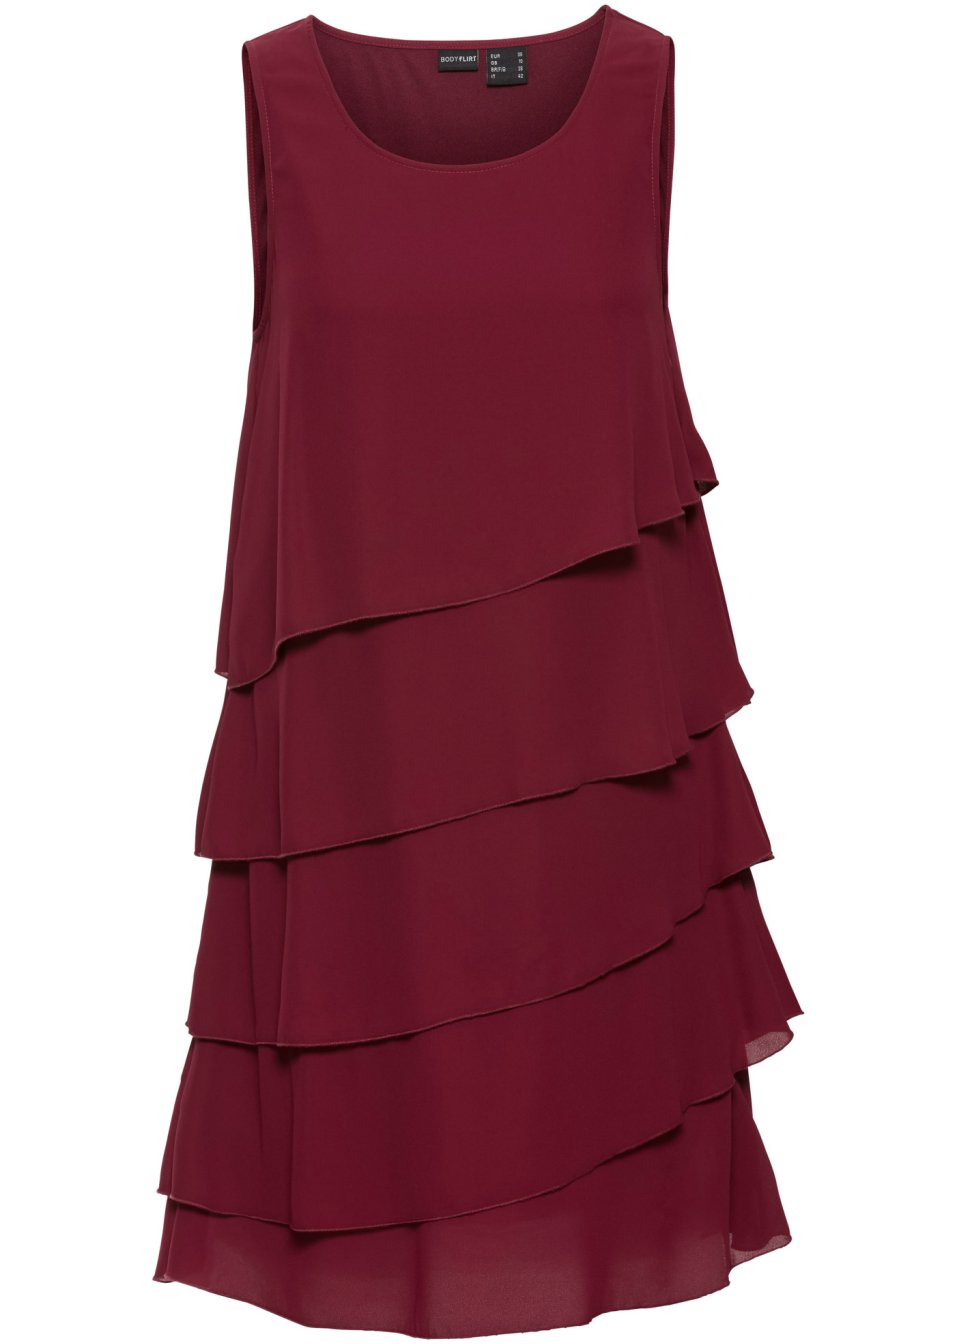 Atemberaubende Kleider in rot bei bonprix entdecken!